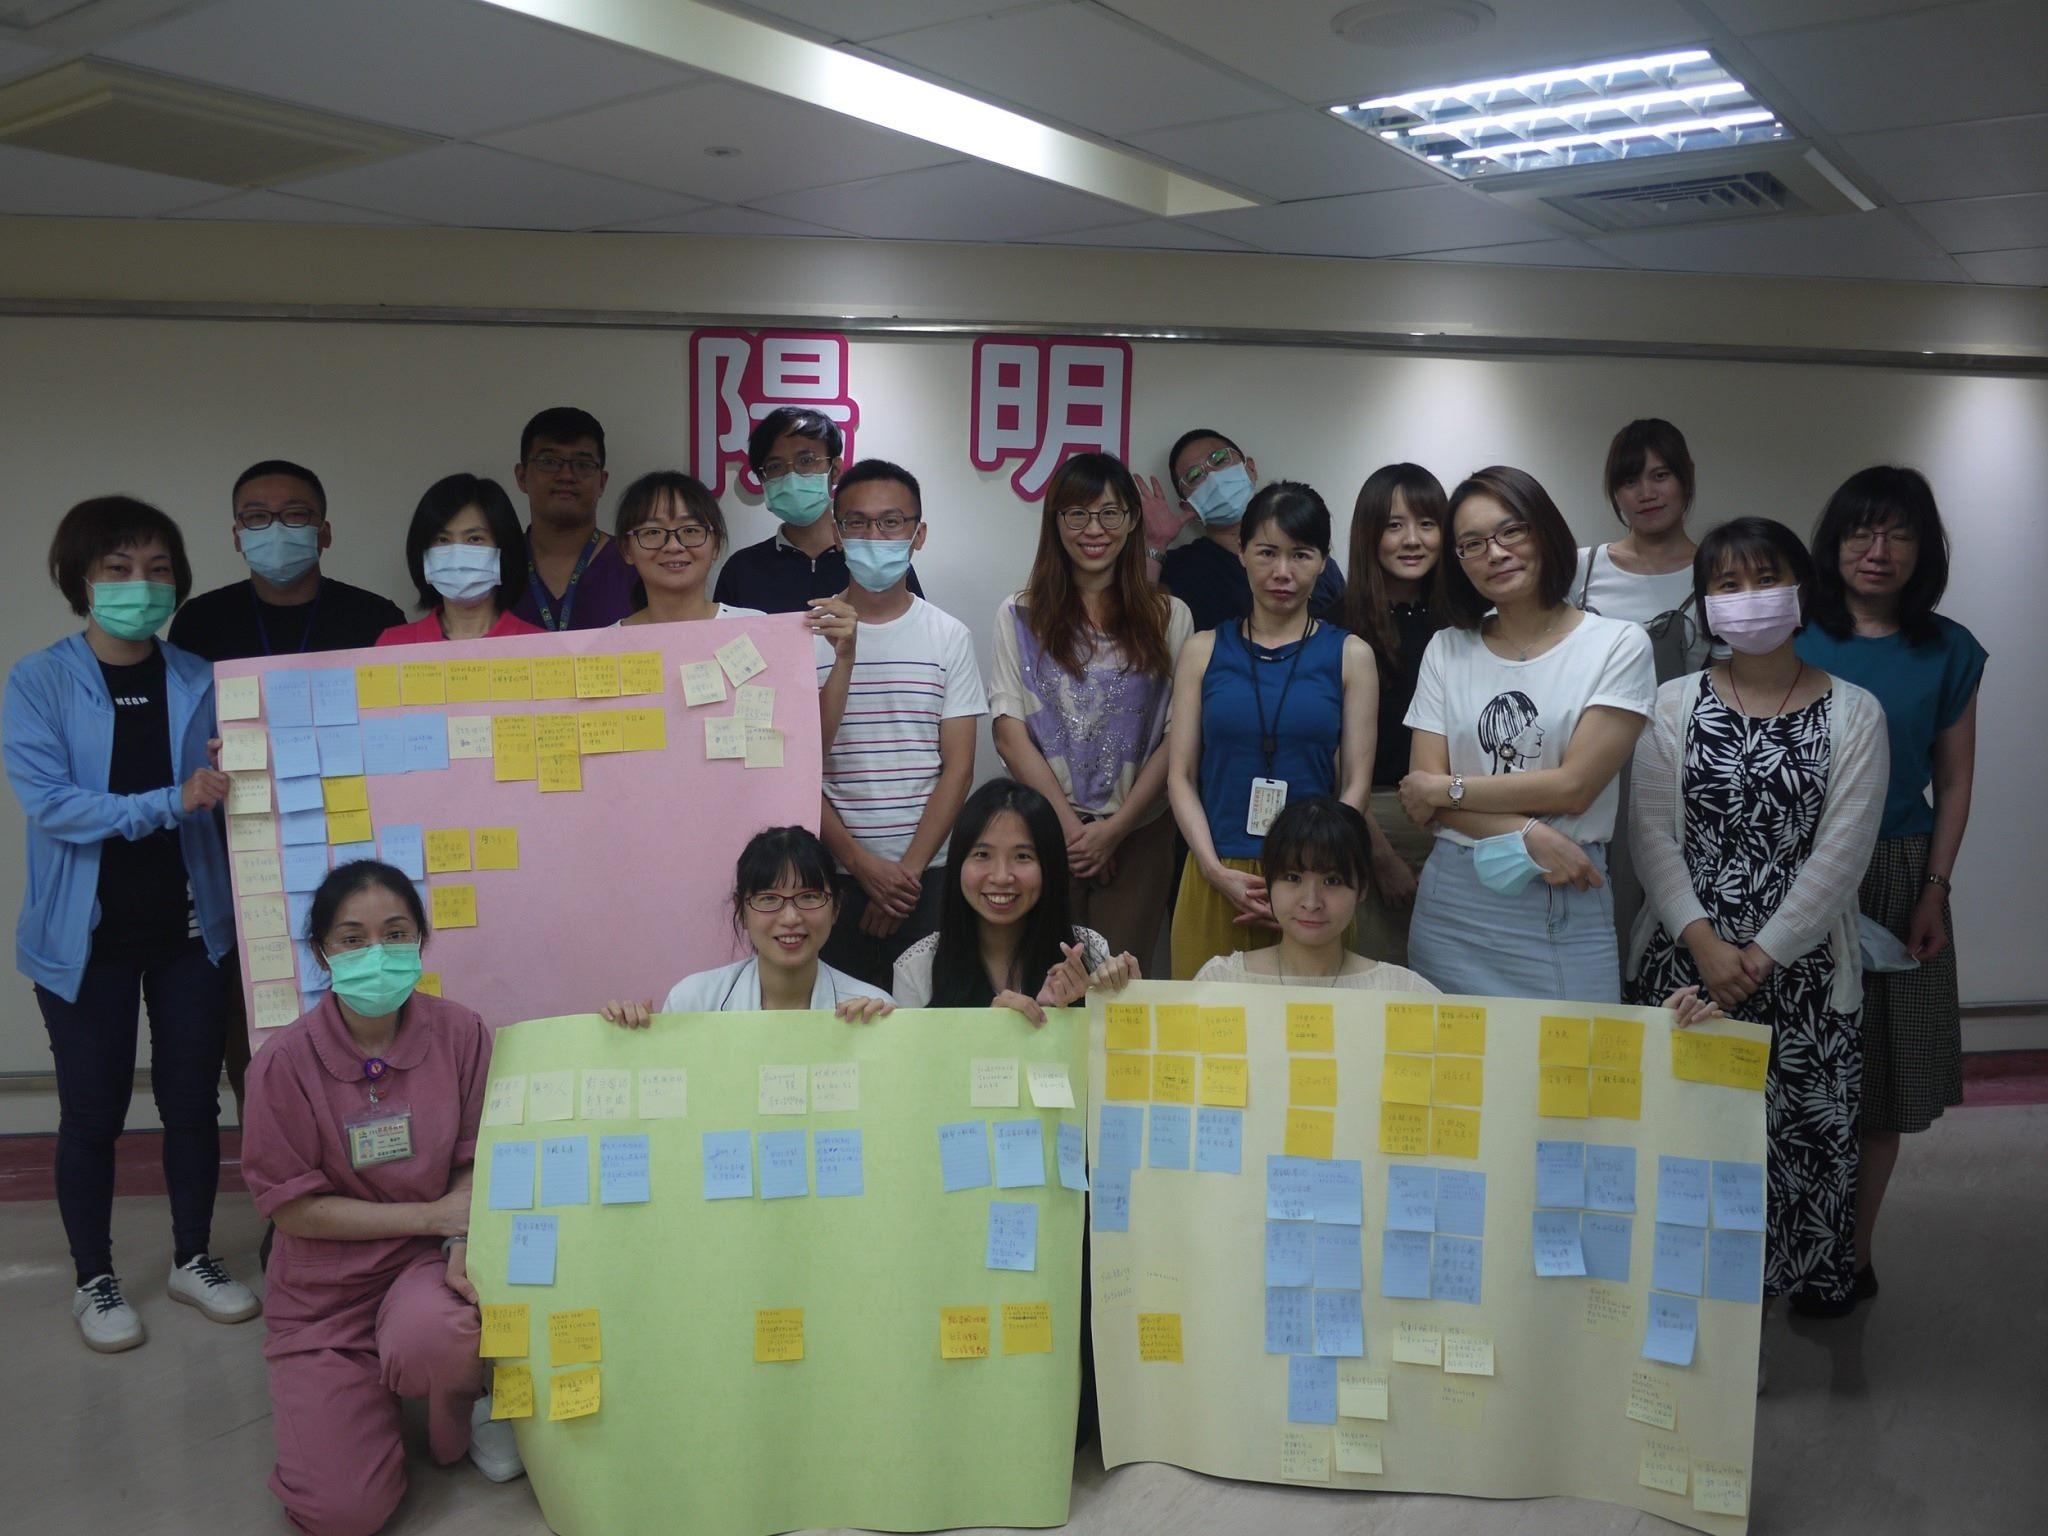 2020_0.09.19初階教師研習營照片